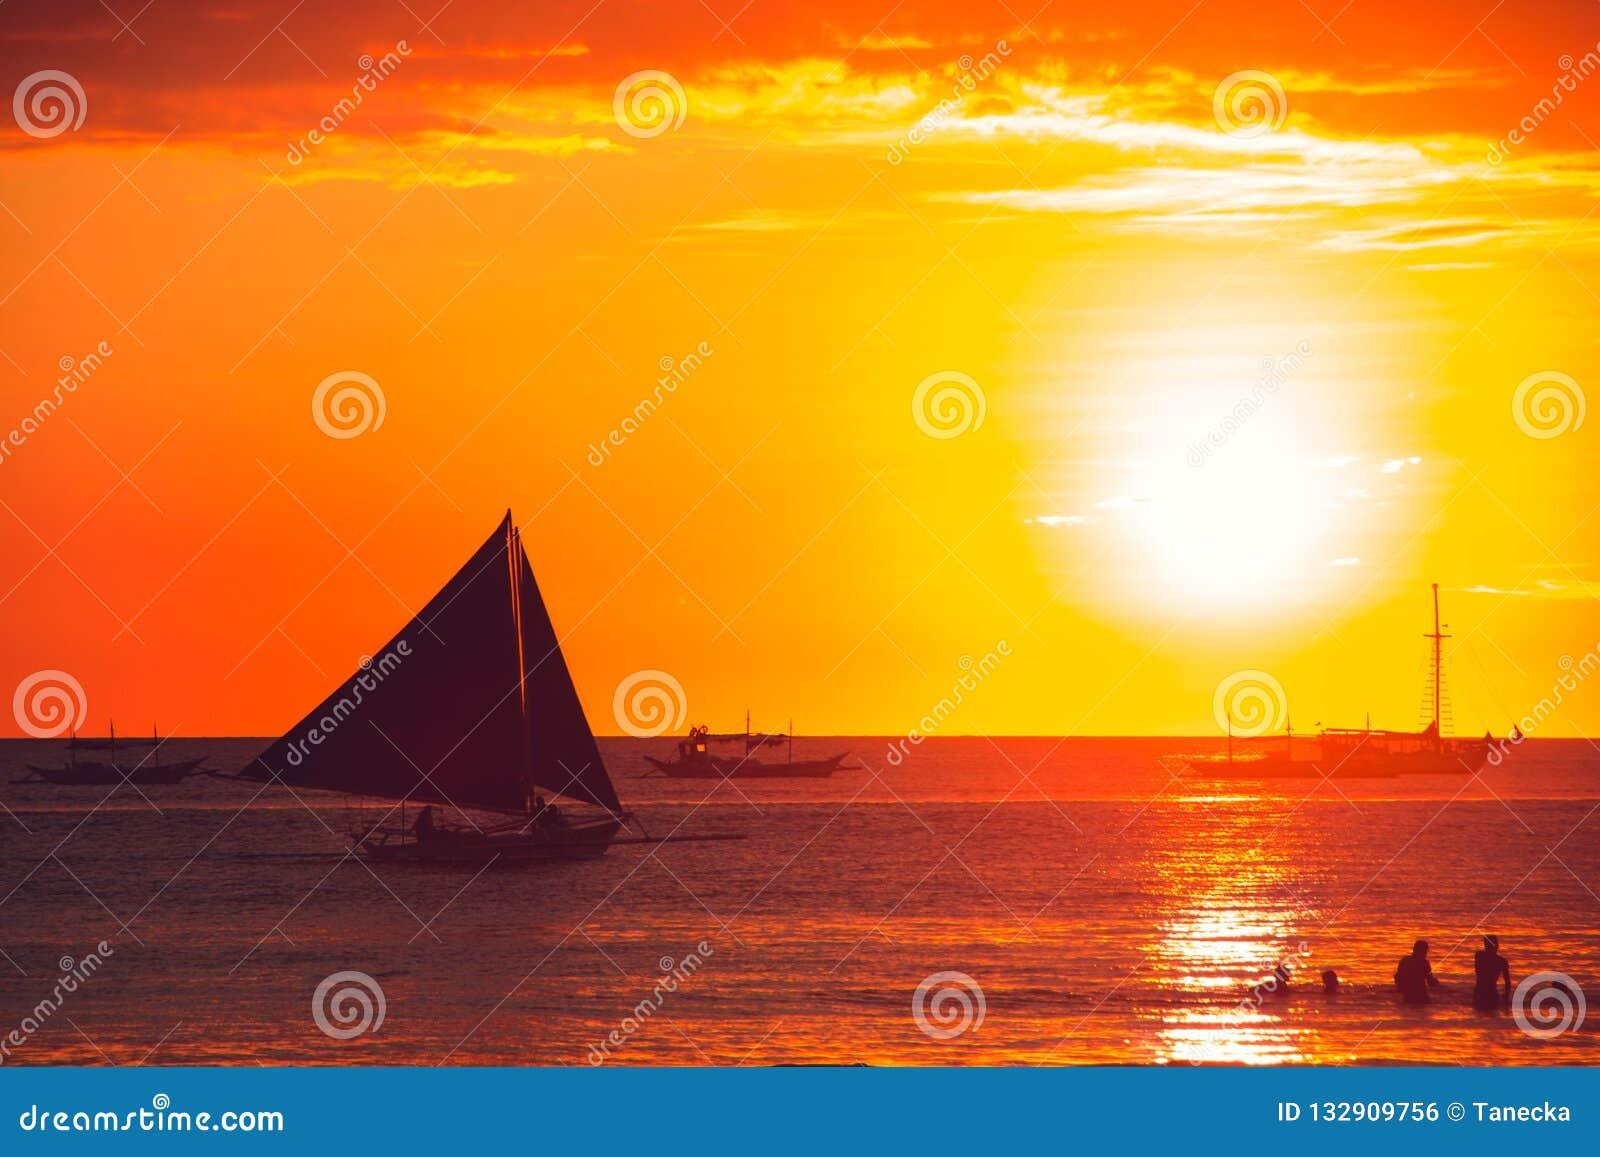 Coucher du soleil orange dramatique de mer avec le voilier Jeunes adultes Voyage vers Philippines Vacances tropicales de luxe Île